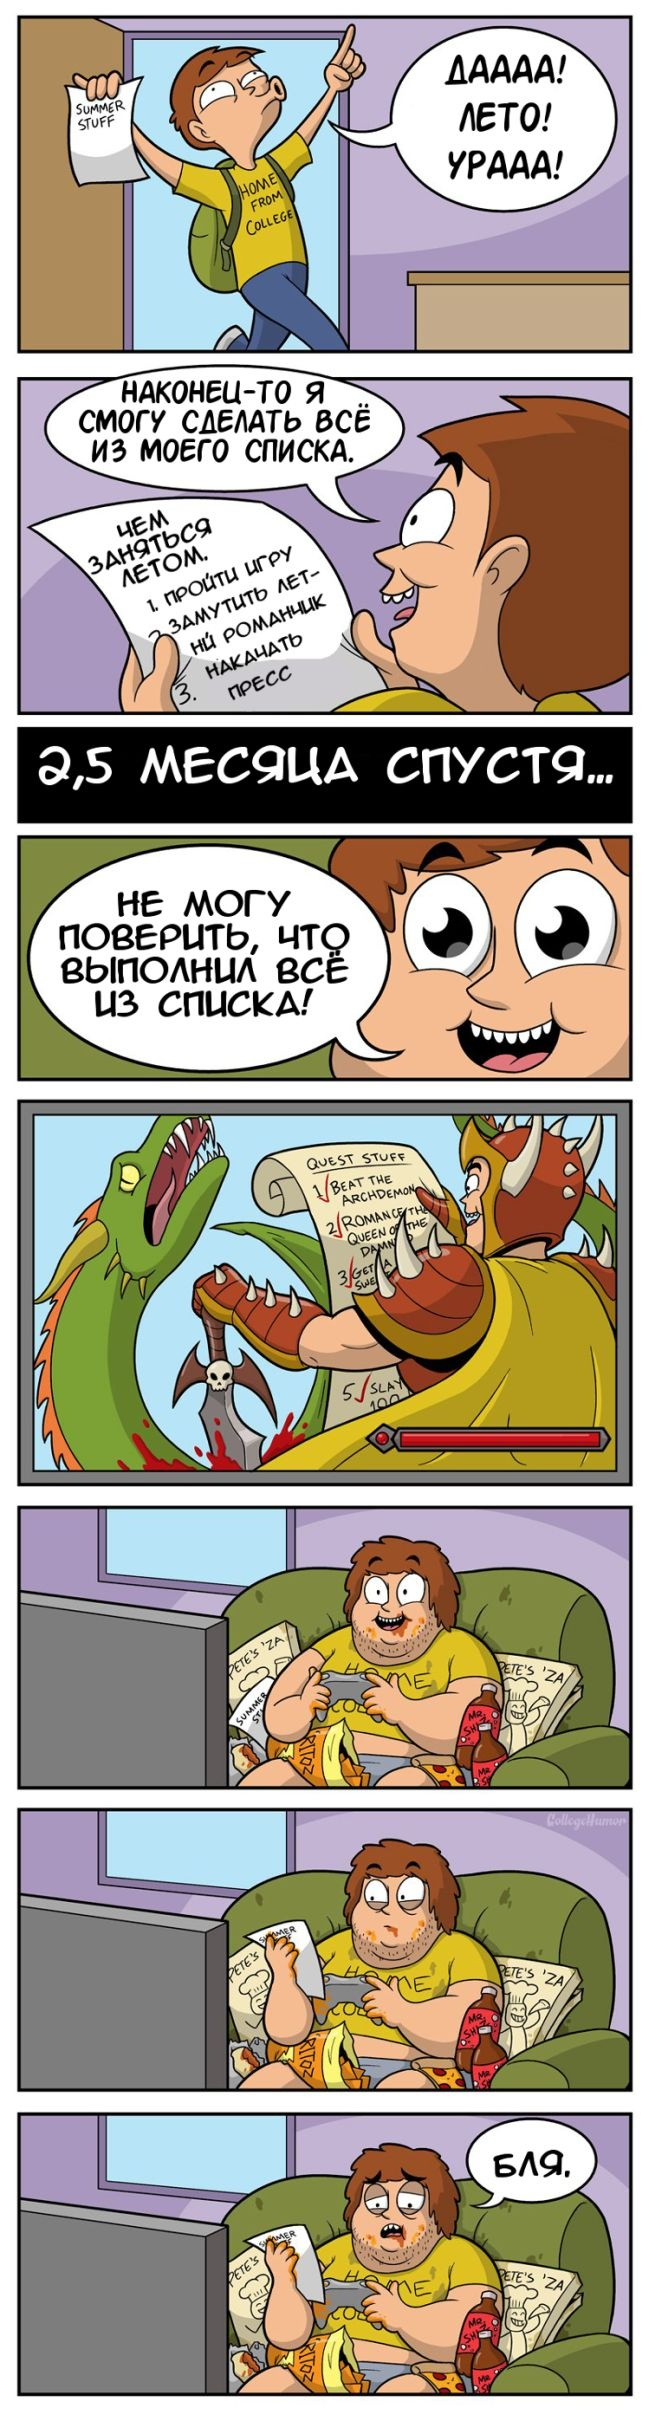 Смешные комиксы (20 картинок) 11.07.2014